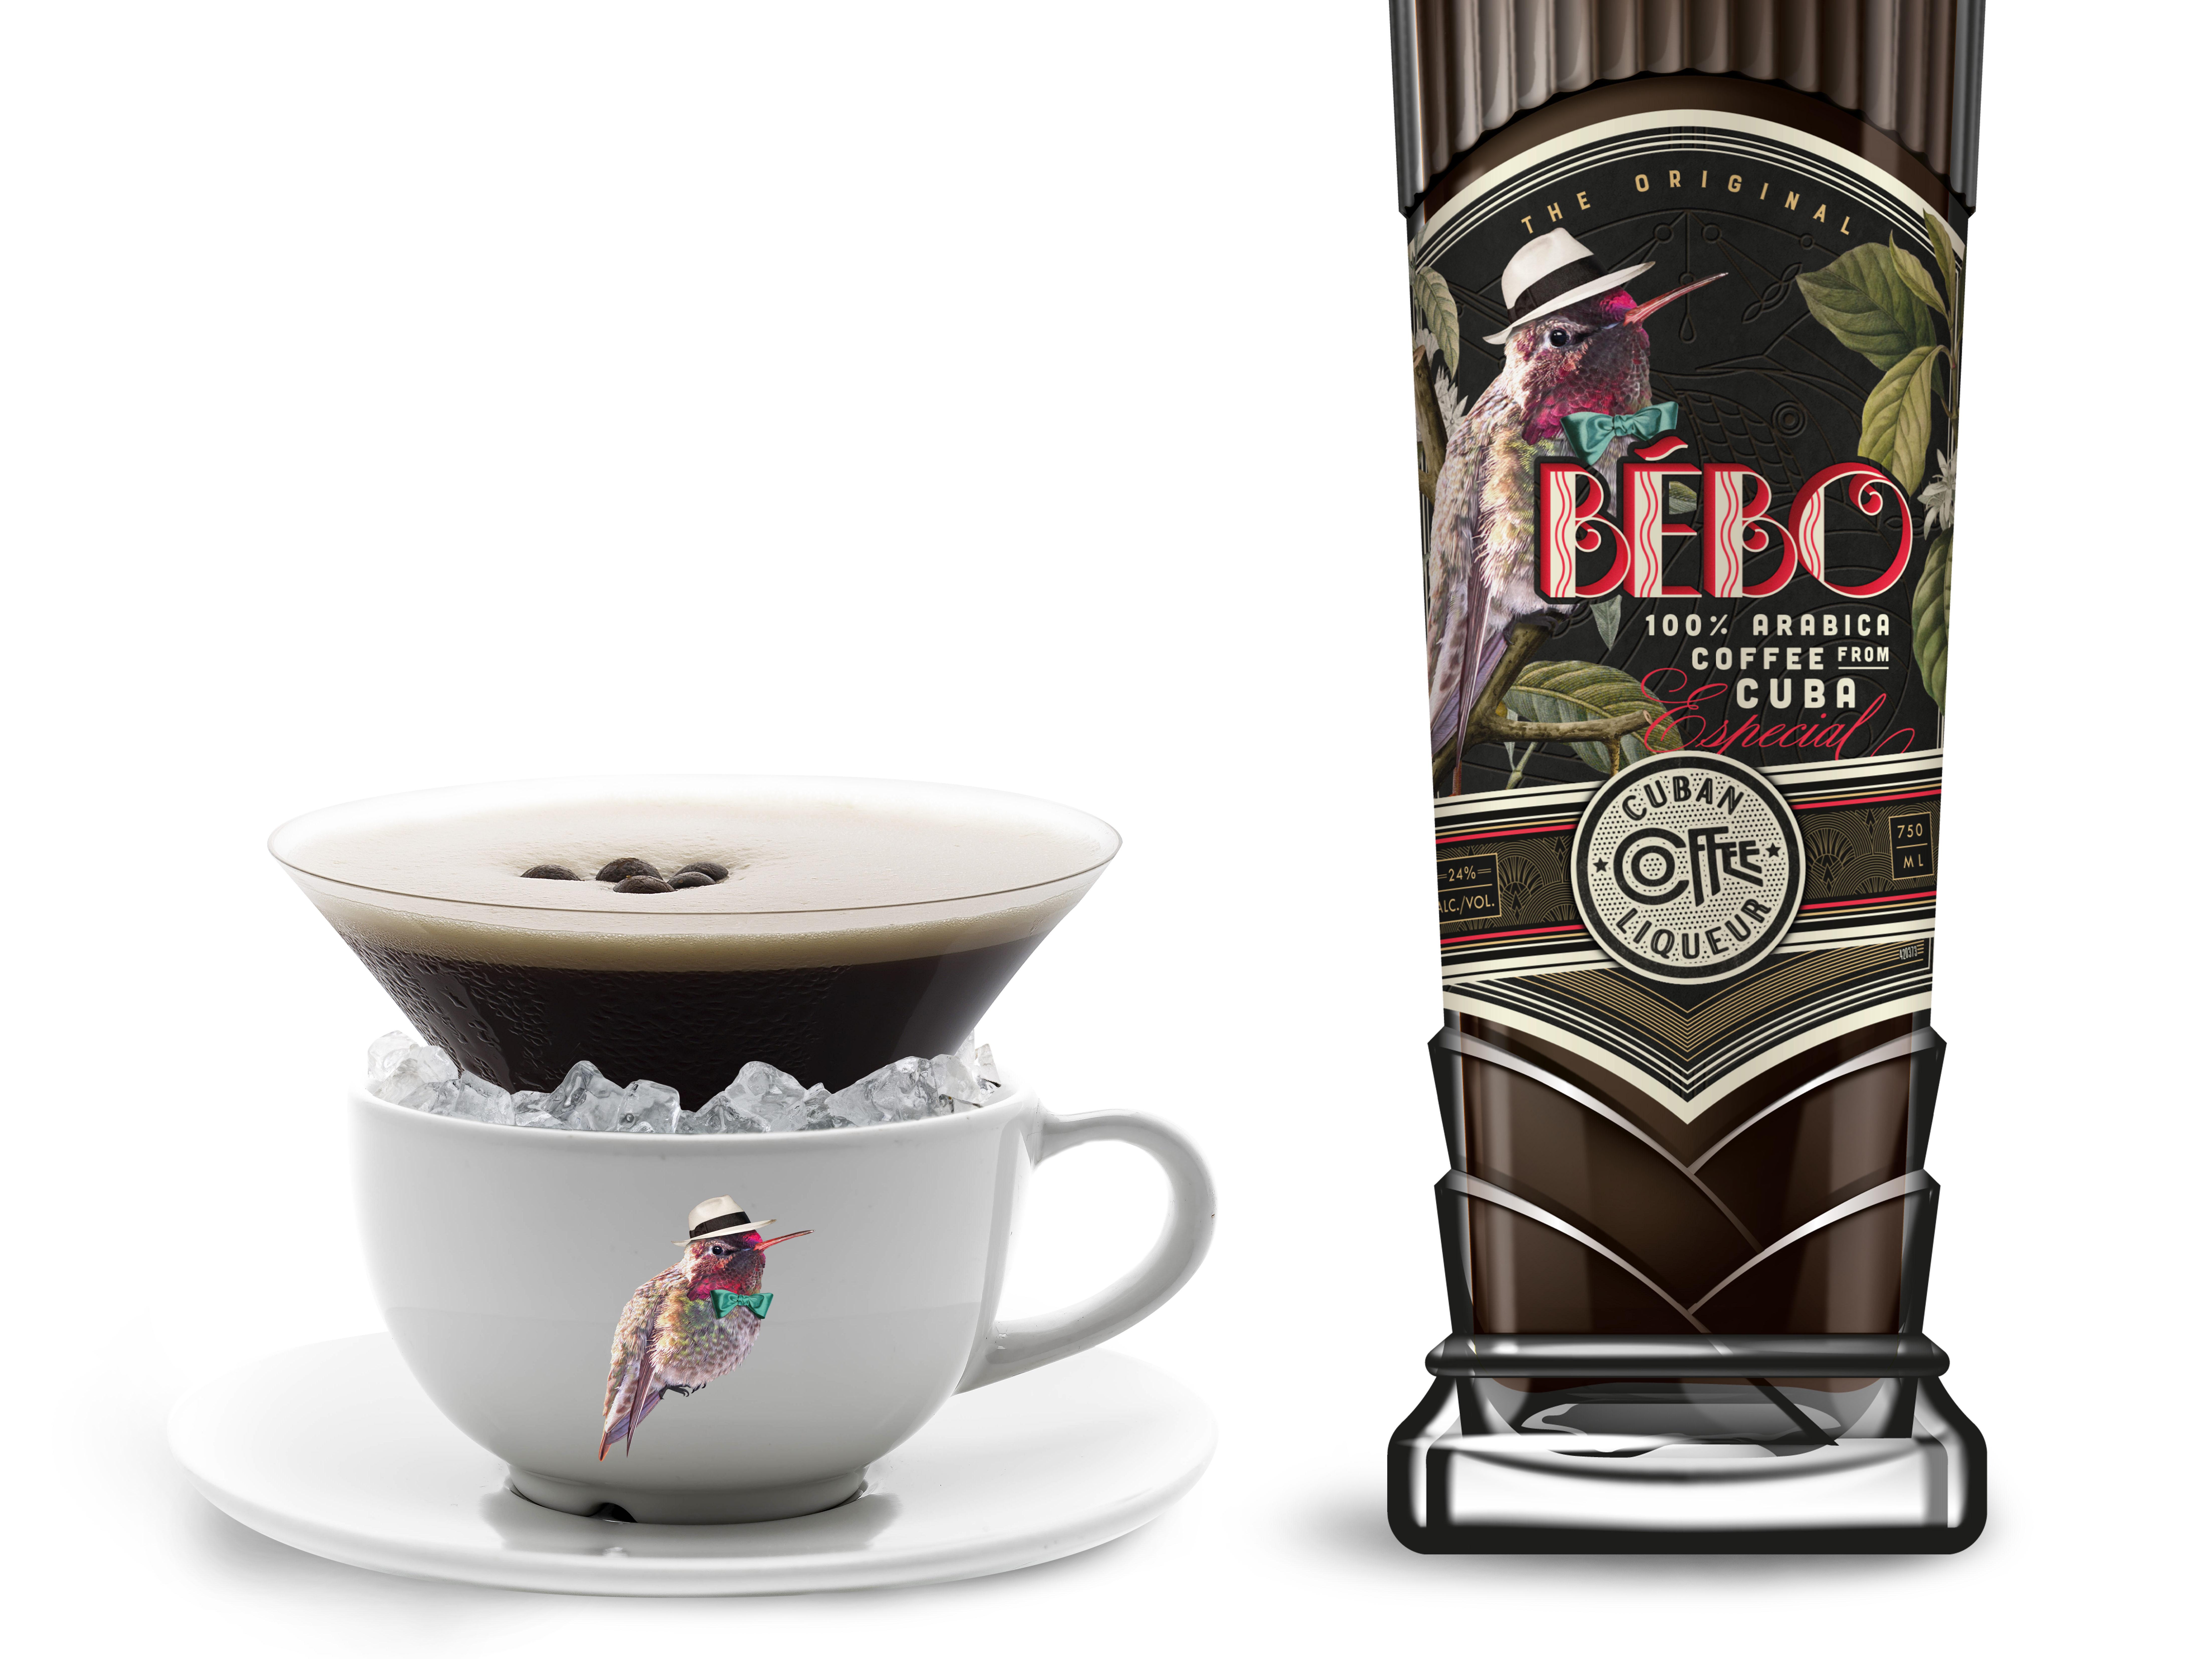 Maak deze koffiecocktail ook zelf